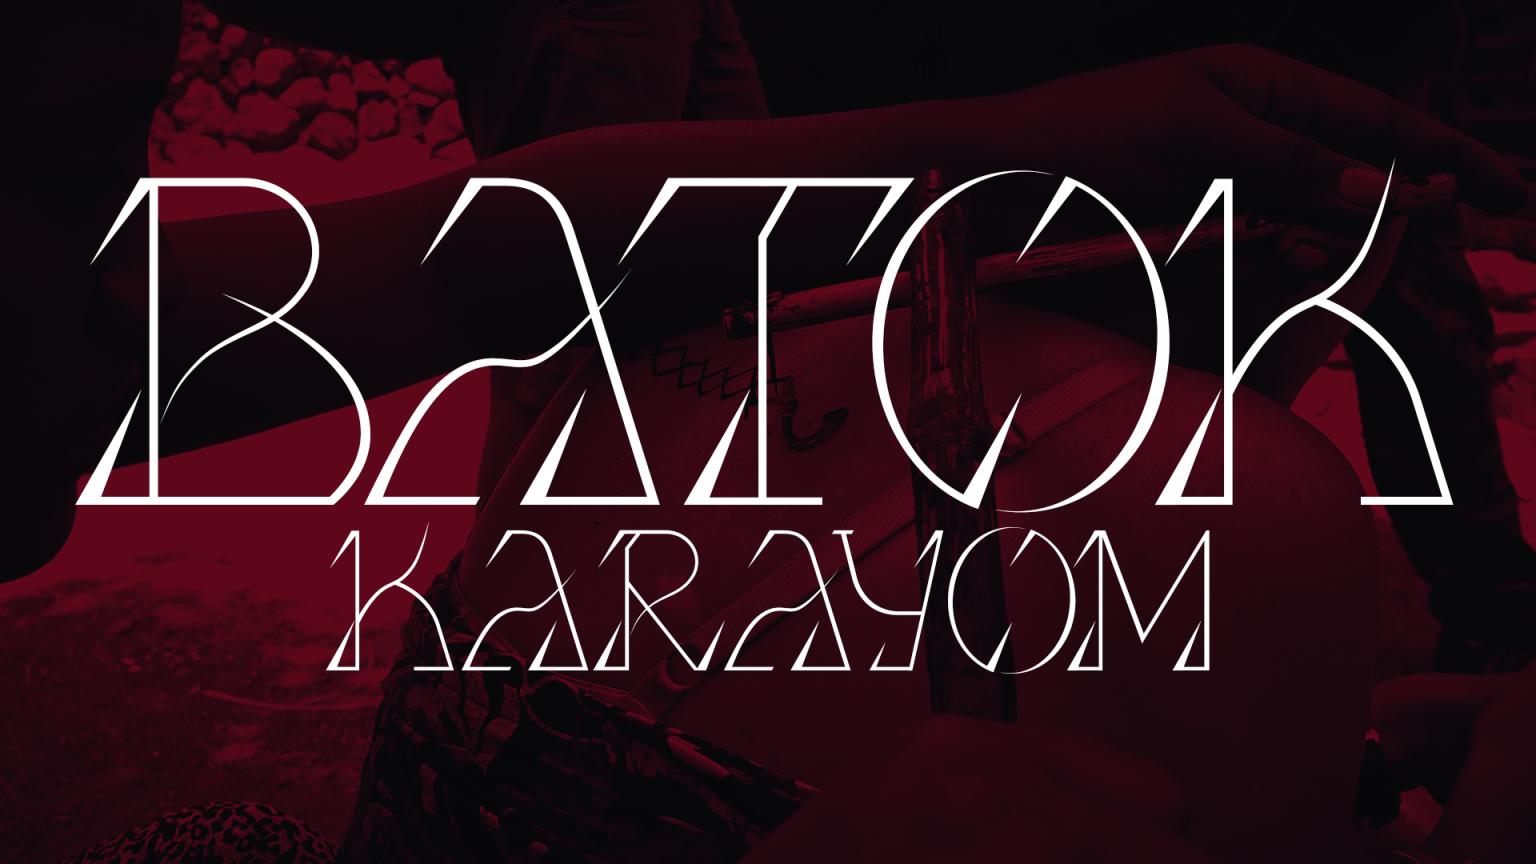 Batok Karayom Display Font